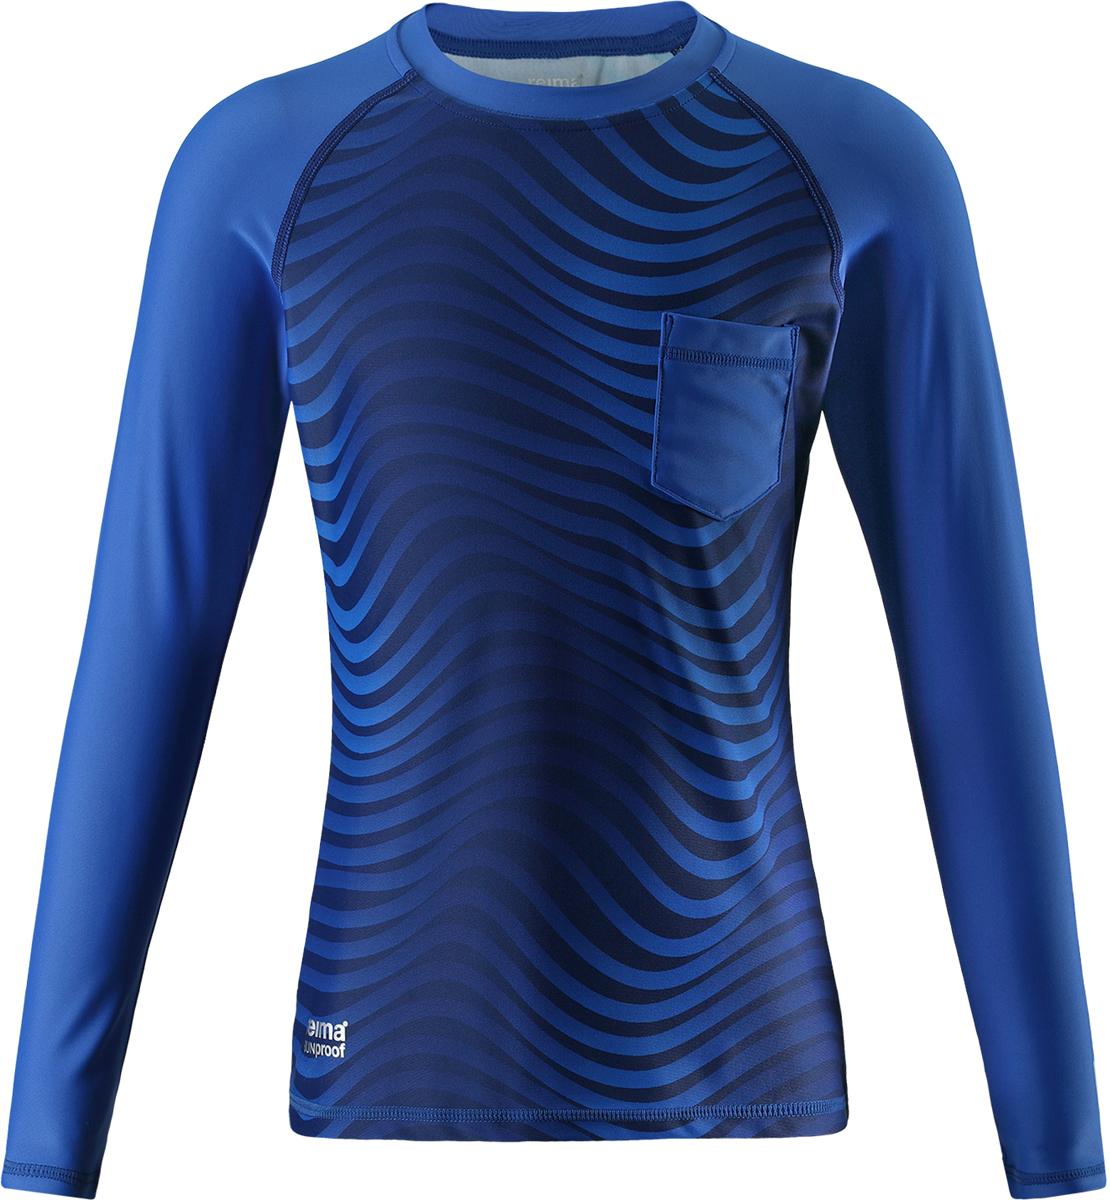 Футболка для плавания для мальчика Reima Bay, цвет: синий. 5362736642. Размер 1465362736642